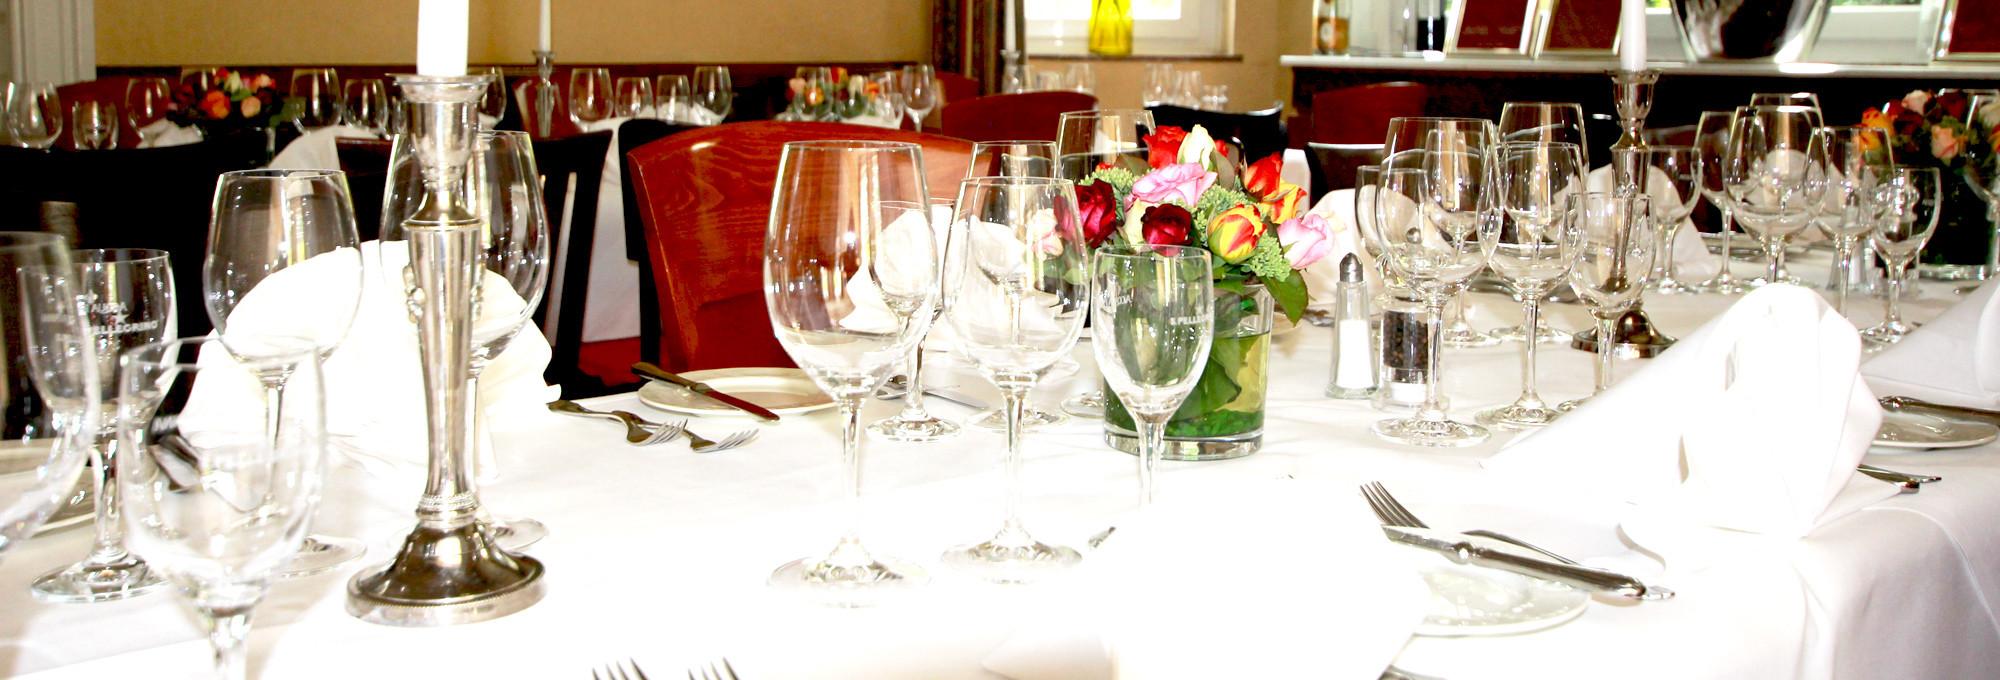 restaurant-tische